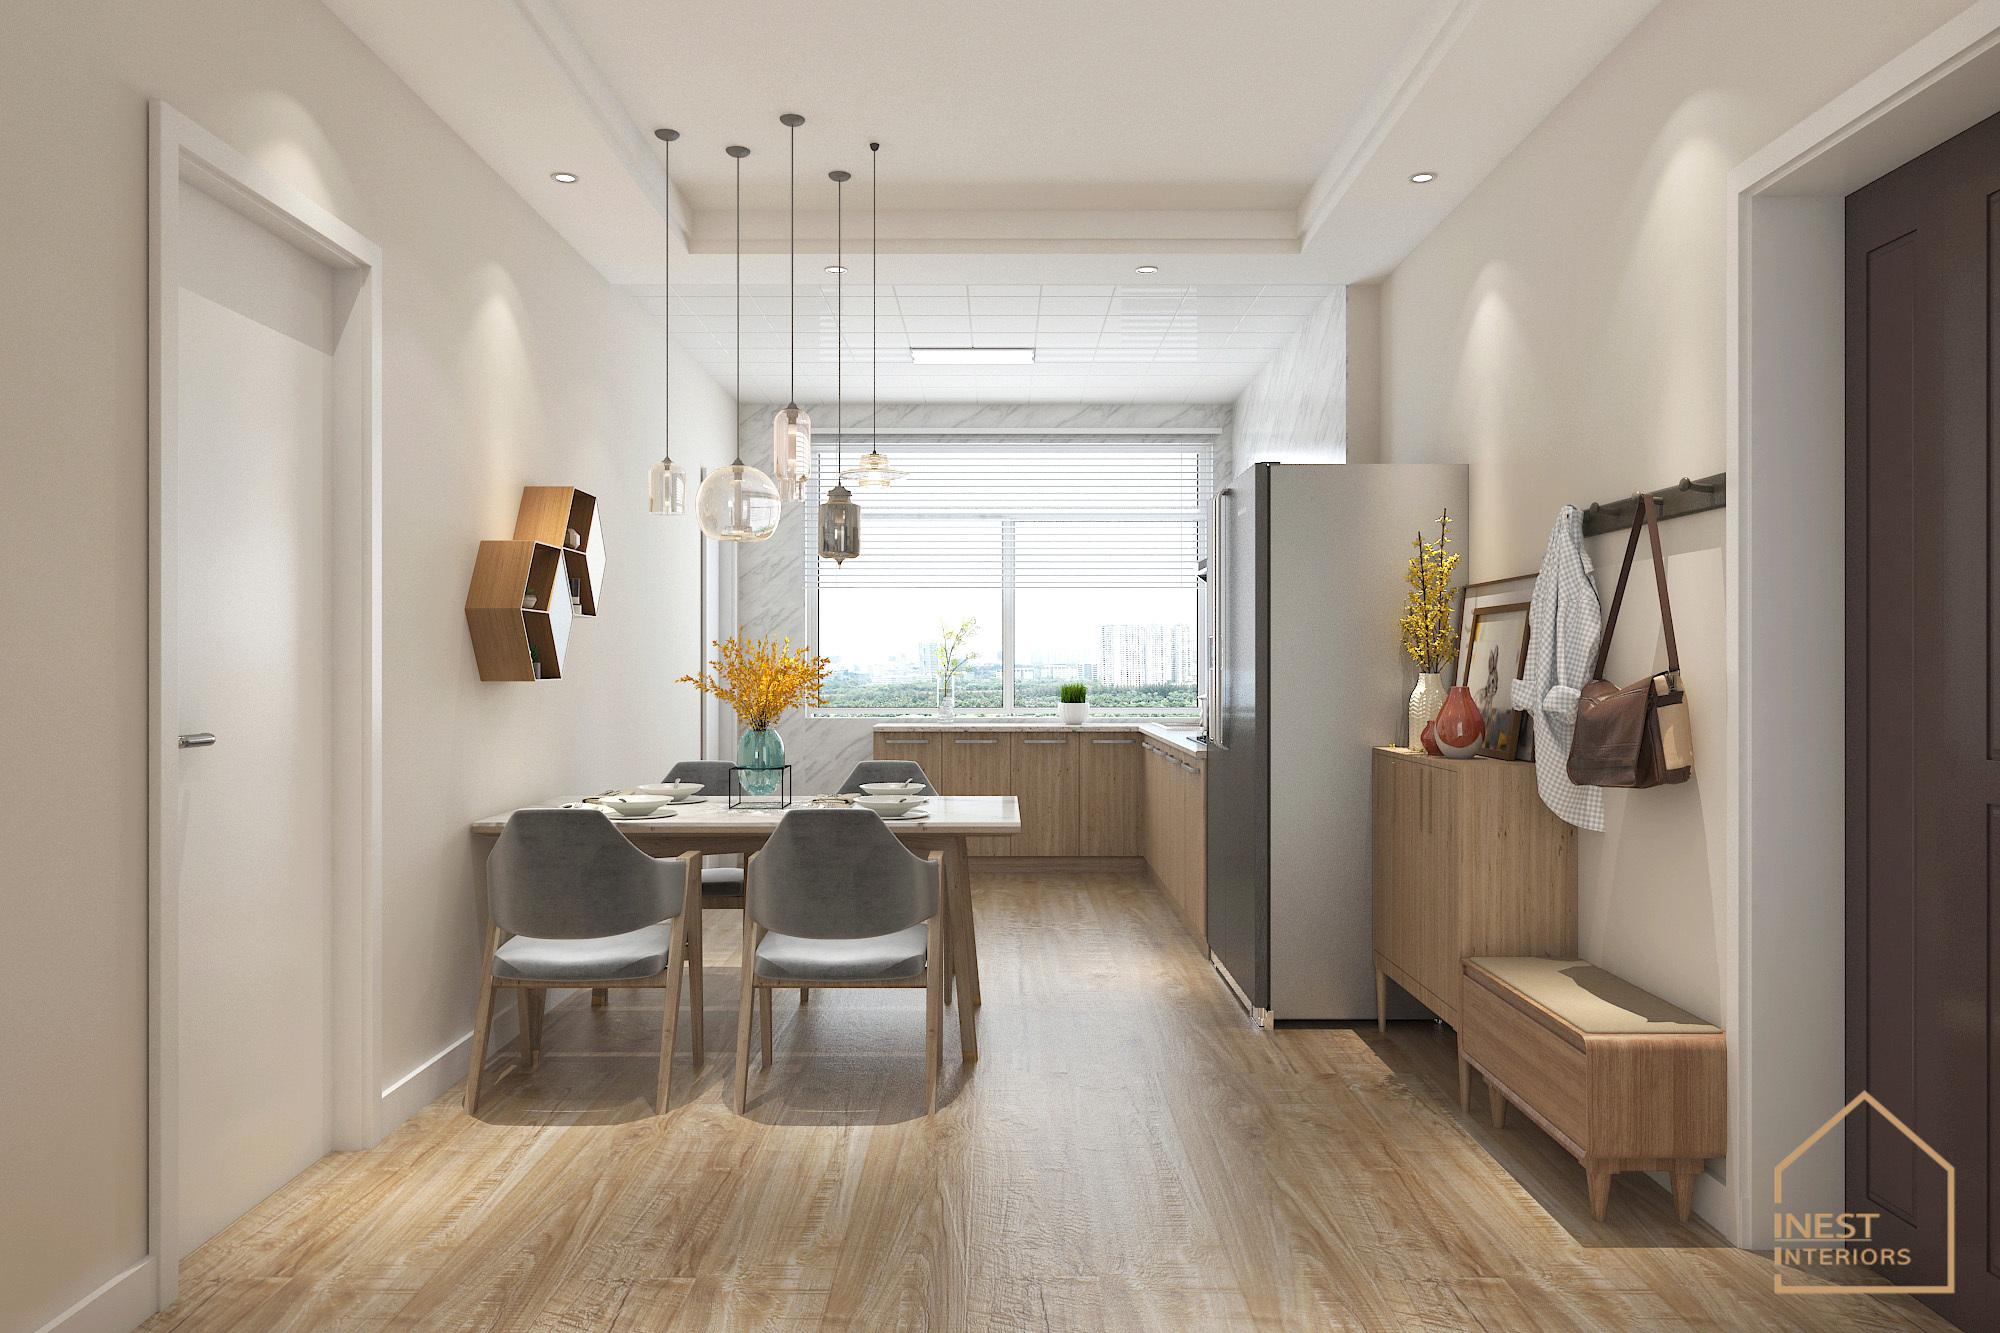 Phòng ăn và phòng bếp được thiết kế